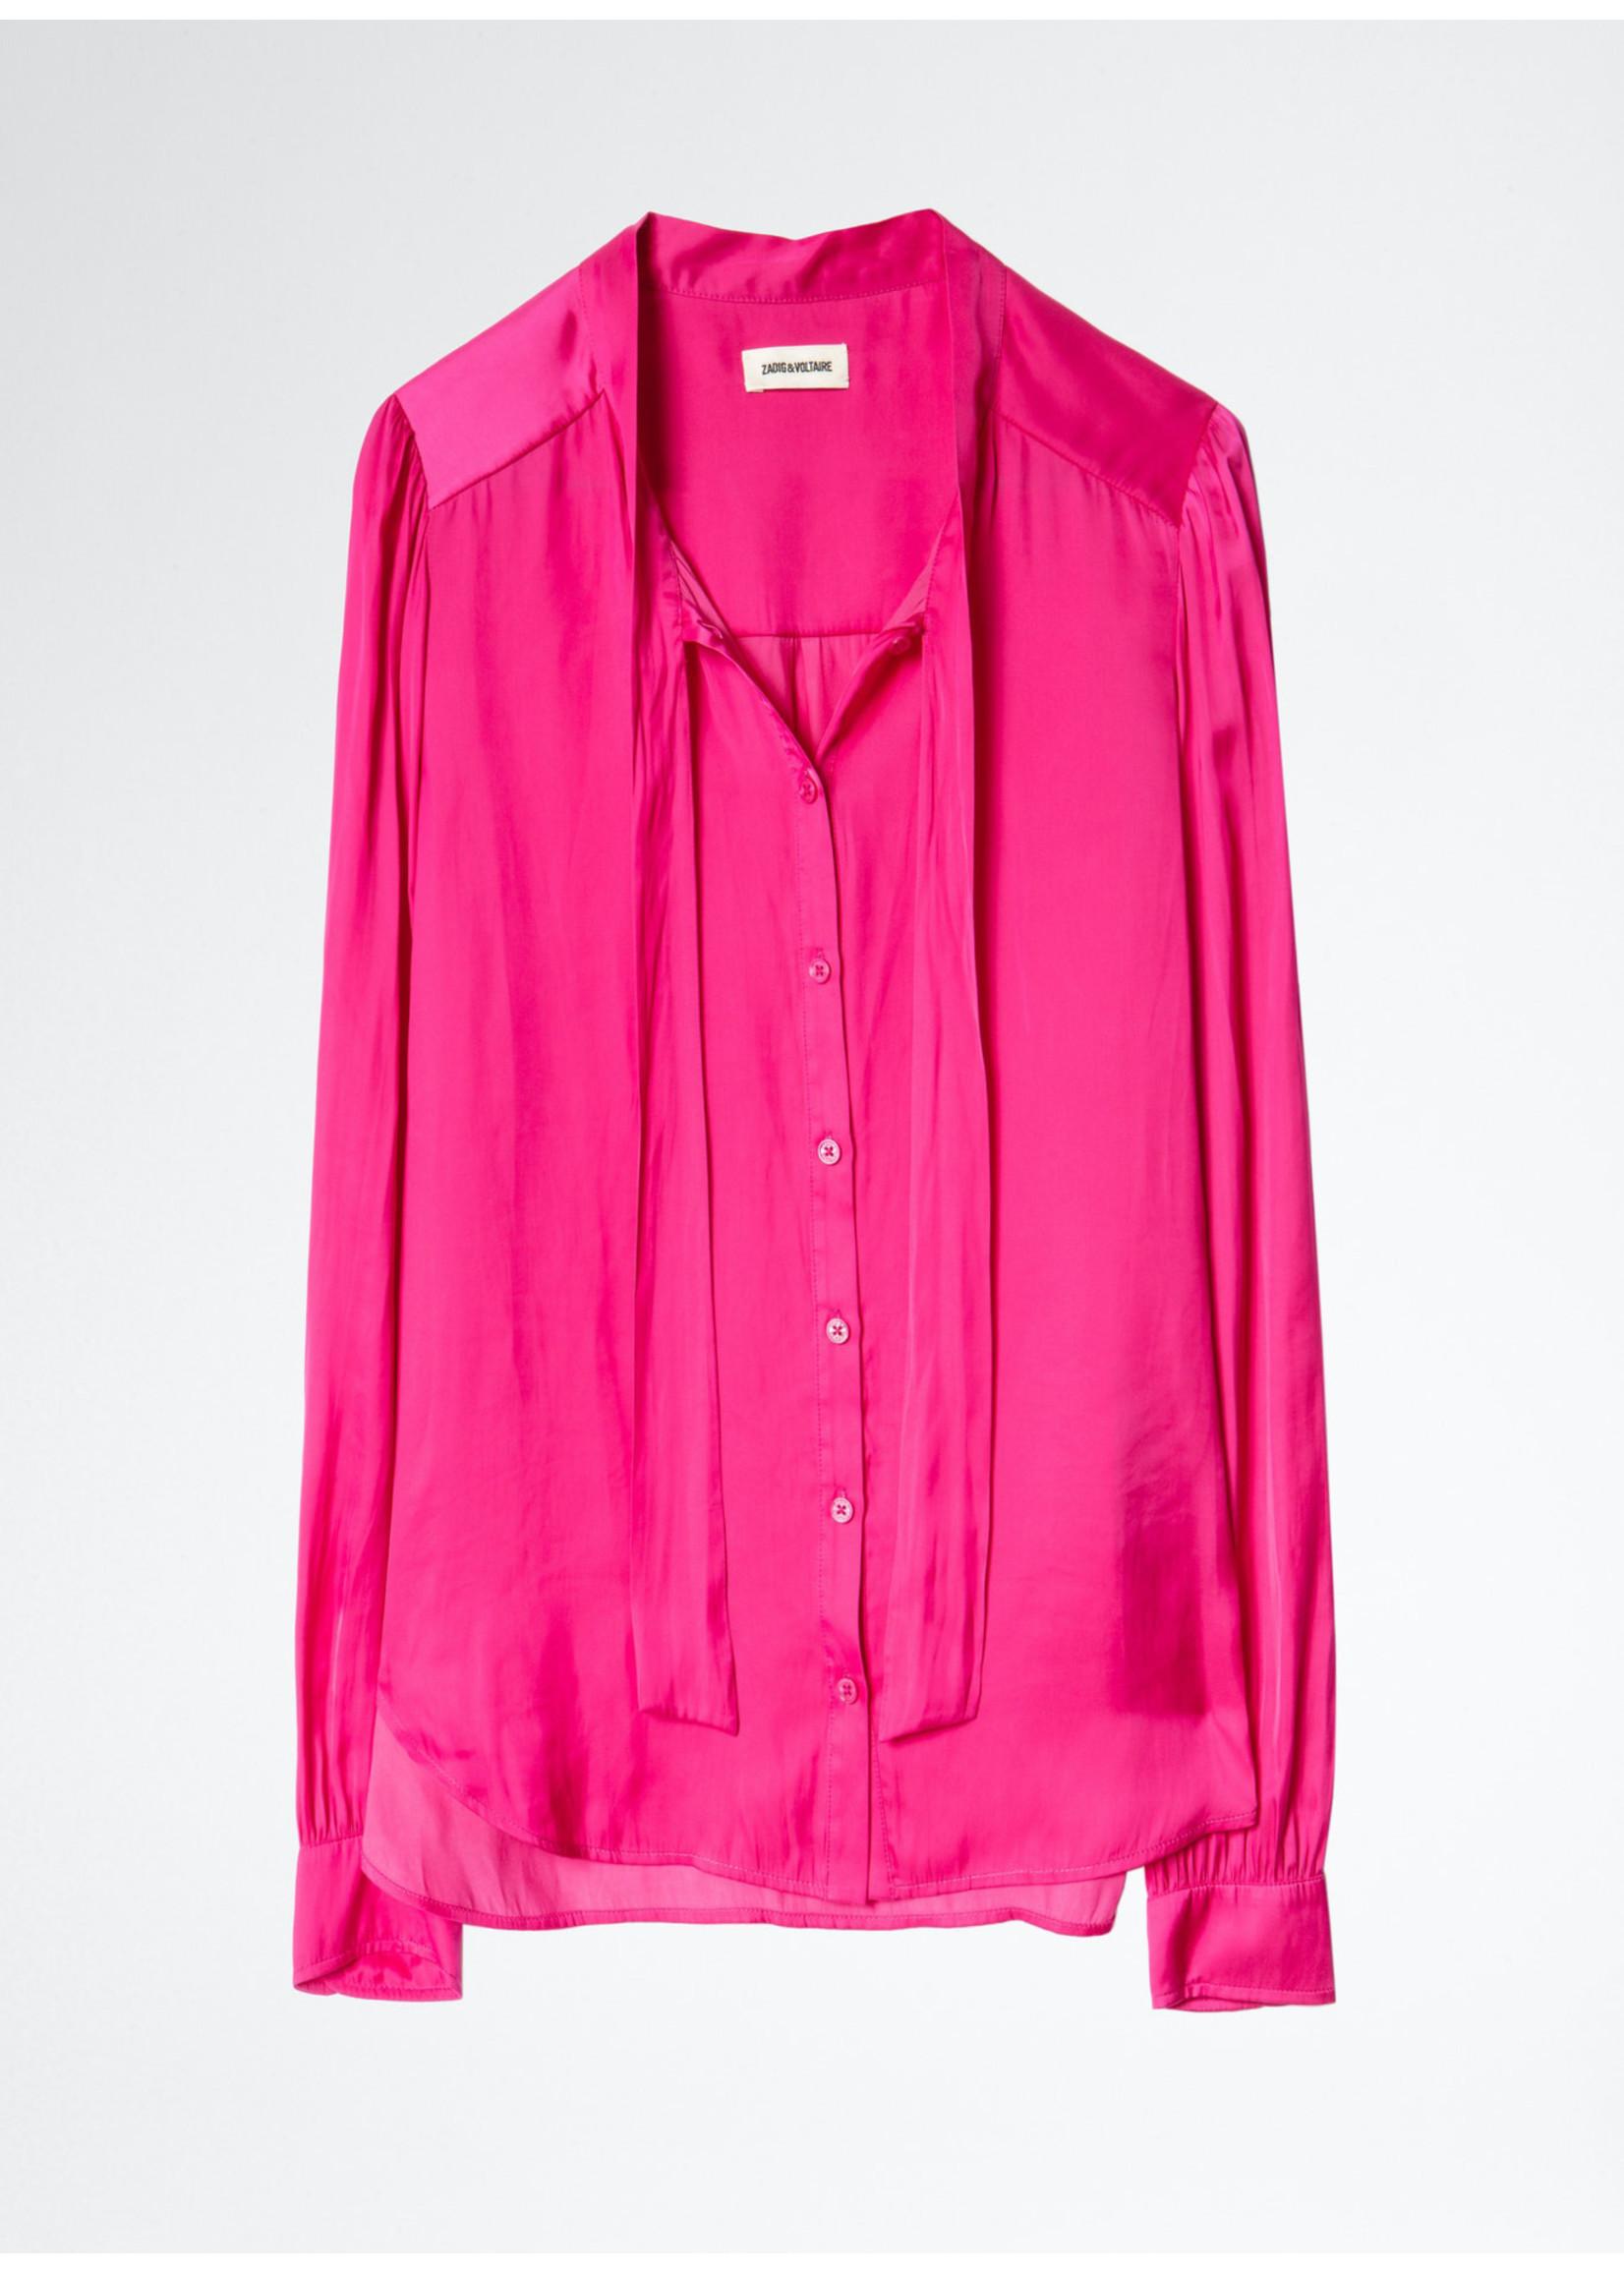 Zadig & Voltaire Taos satin pink